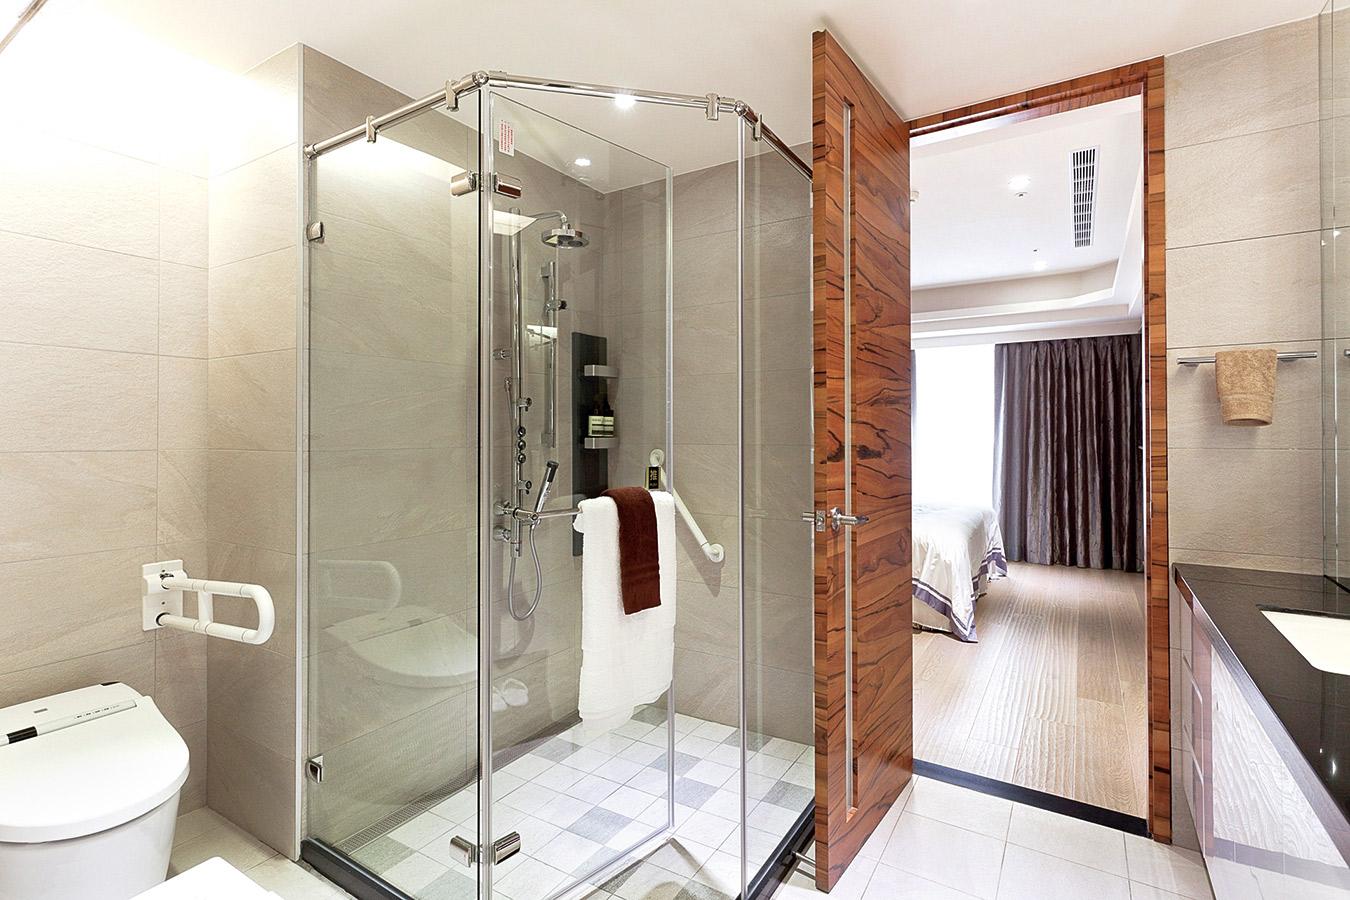 浴室無障礙空間